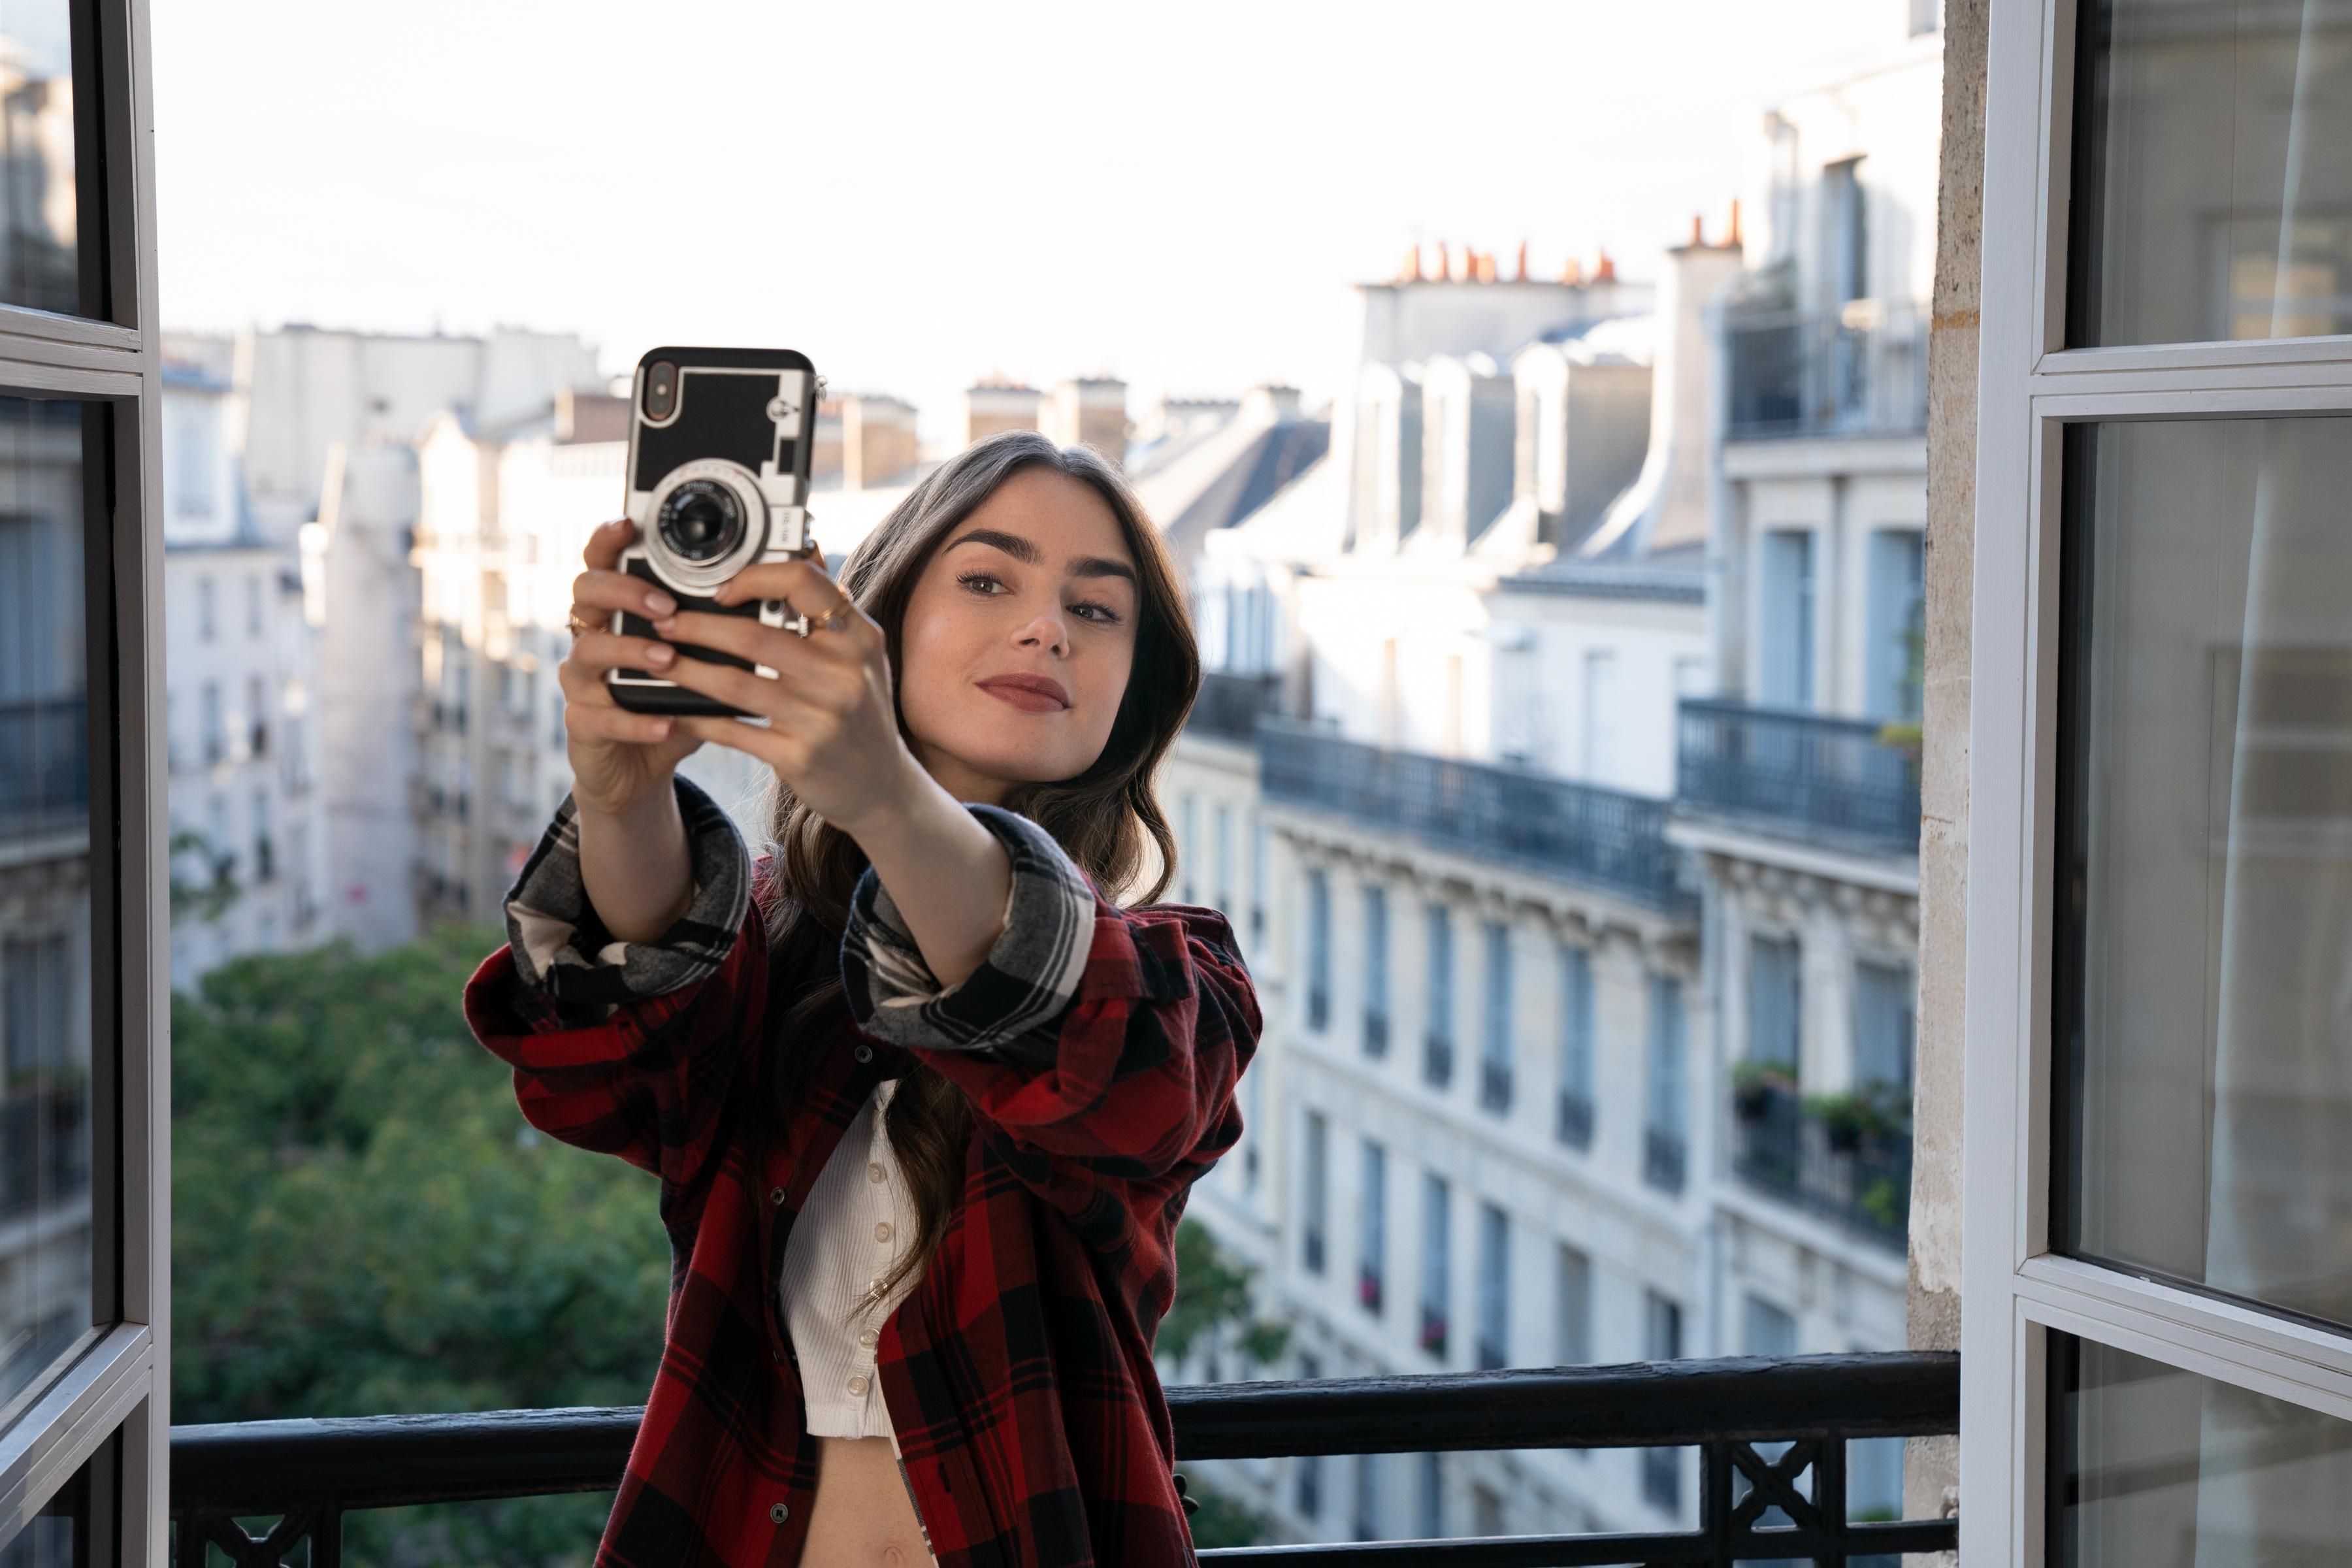 Funda De Silicona con Correa Larga para Mujeres Y Ni/ñas Black iPhone XR Yagerod Emily in Paris Estuche para Tel/éfono con C/ámara Vintage Dise/ño Moderno De C/ámara En 3D Estilo Vintage